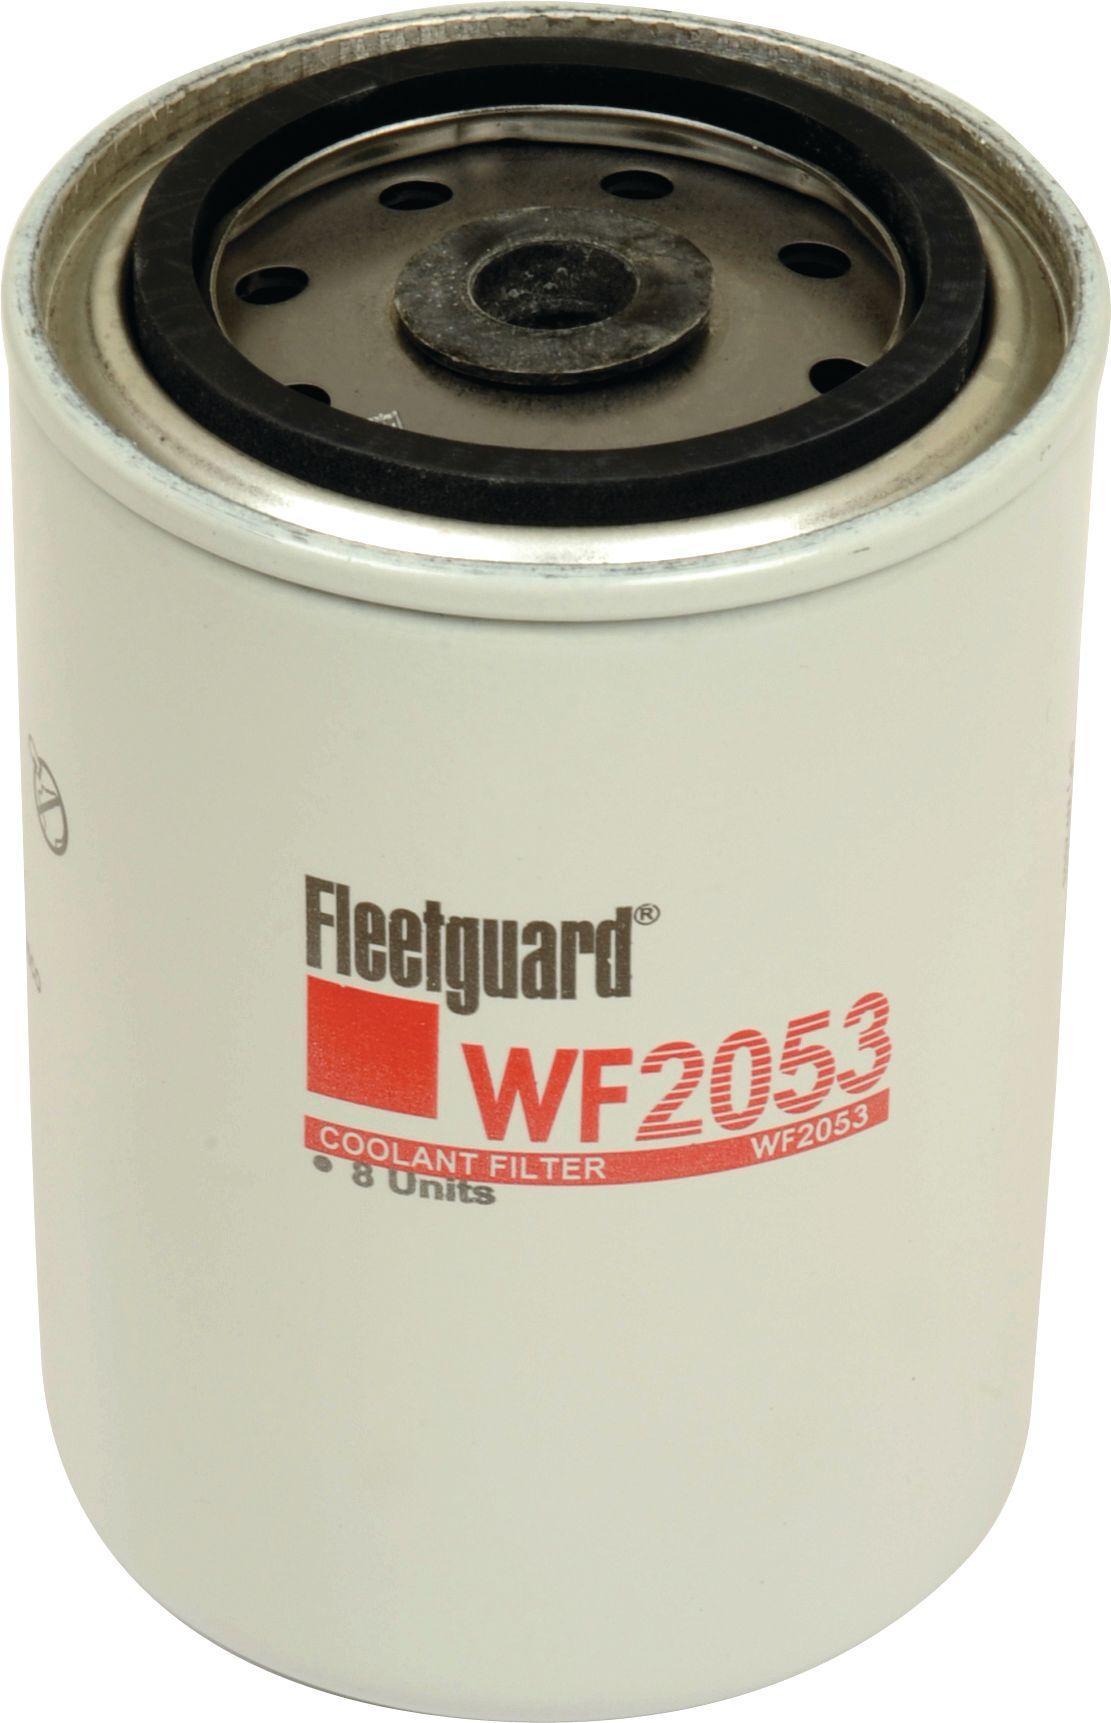 KUBOTA WATER FILTER WF2053